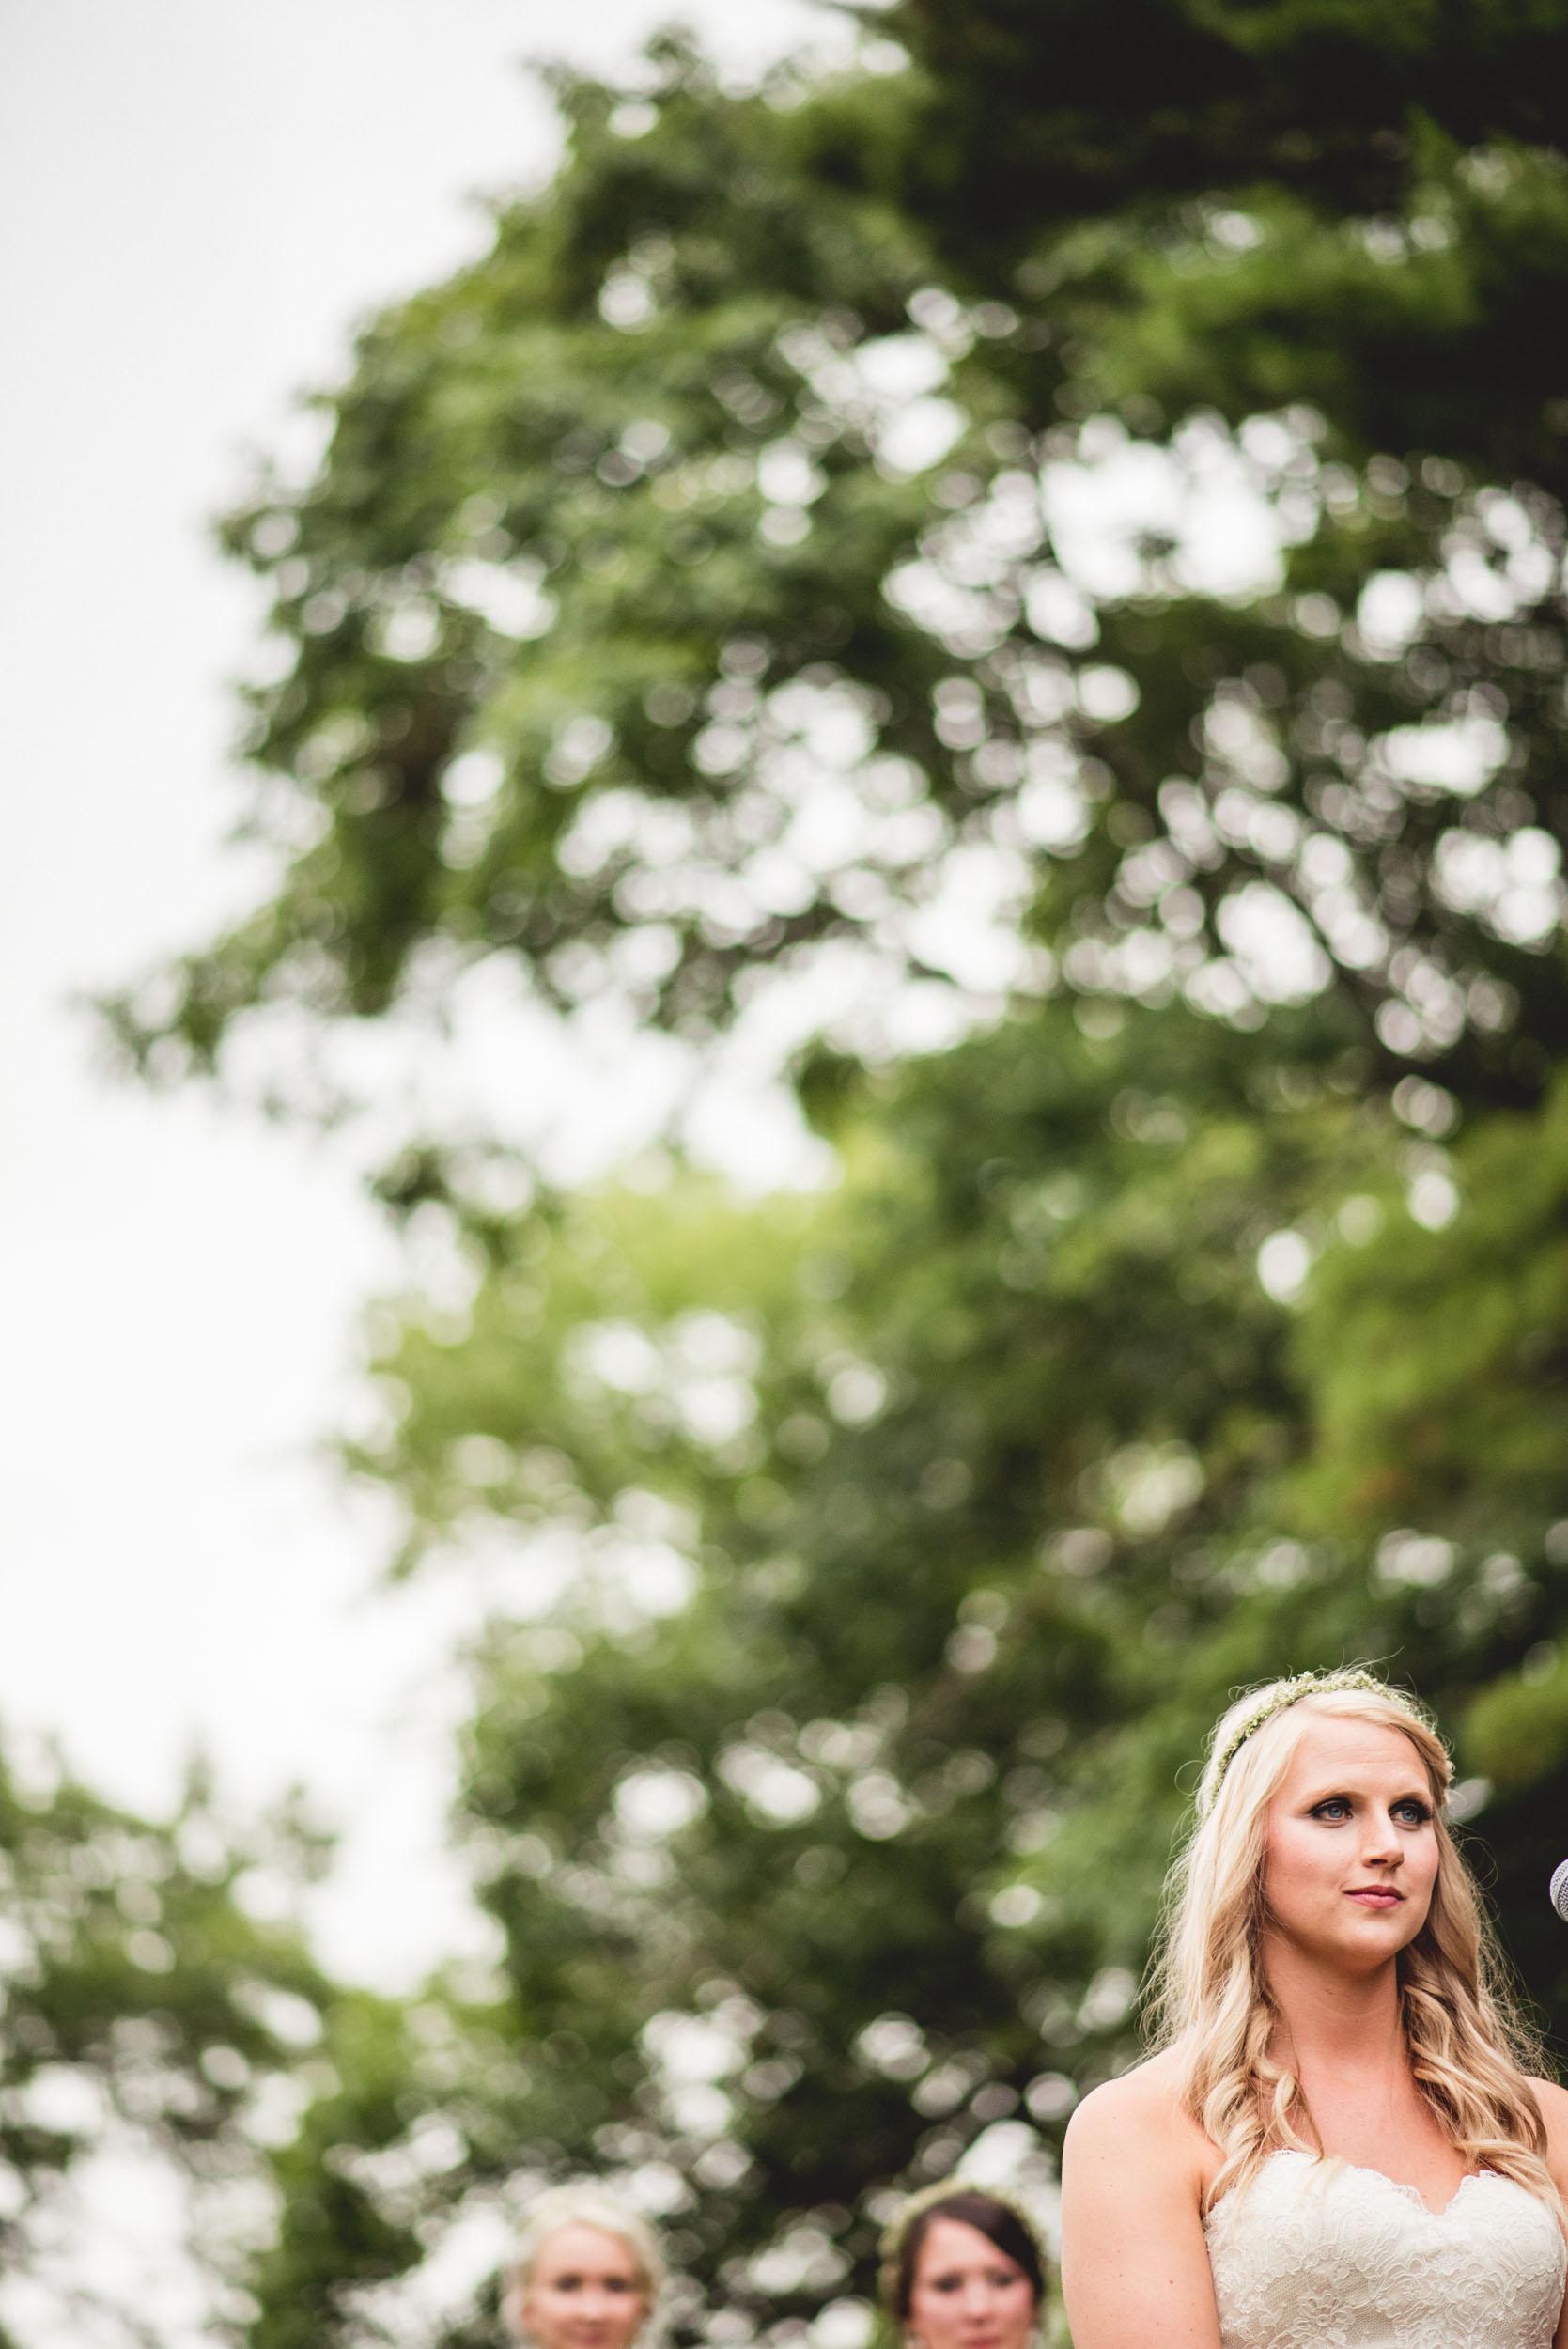 Morraine-Farm-Wedding-10.jpg